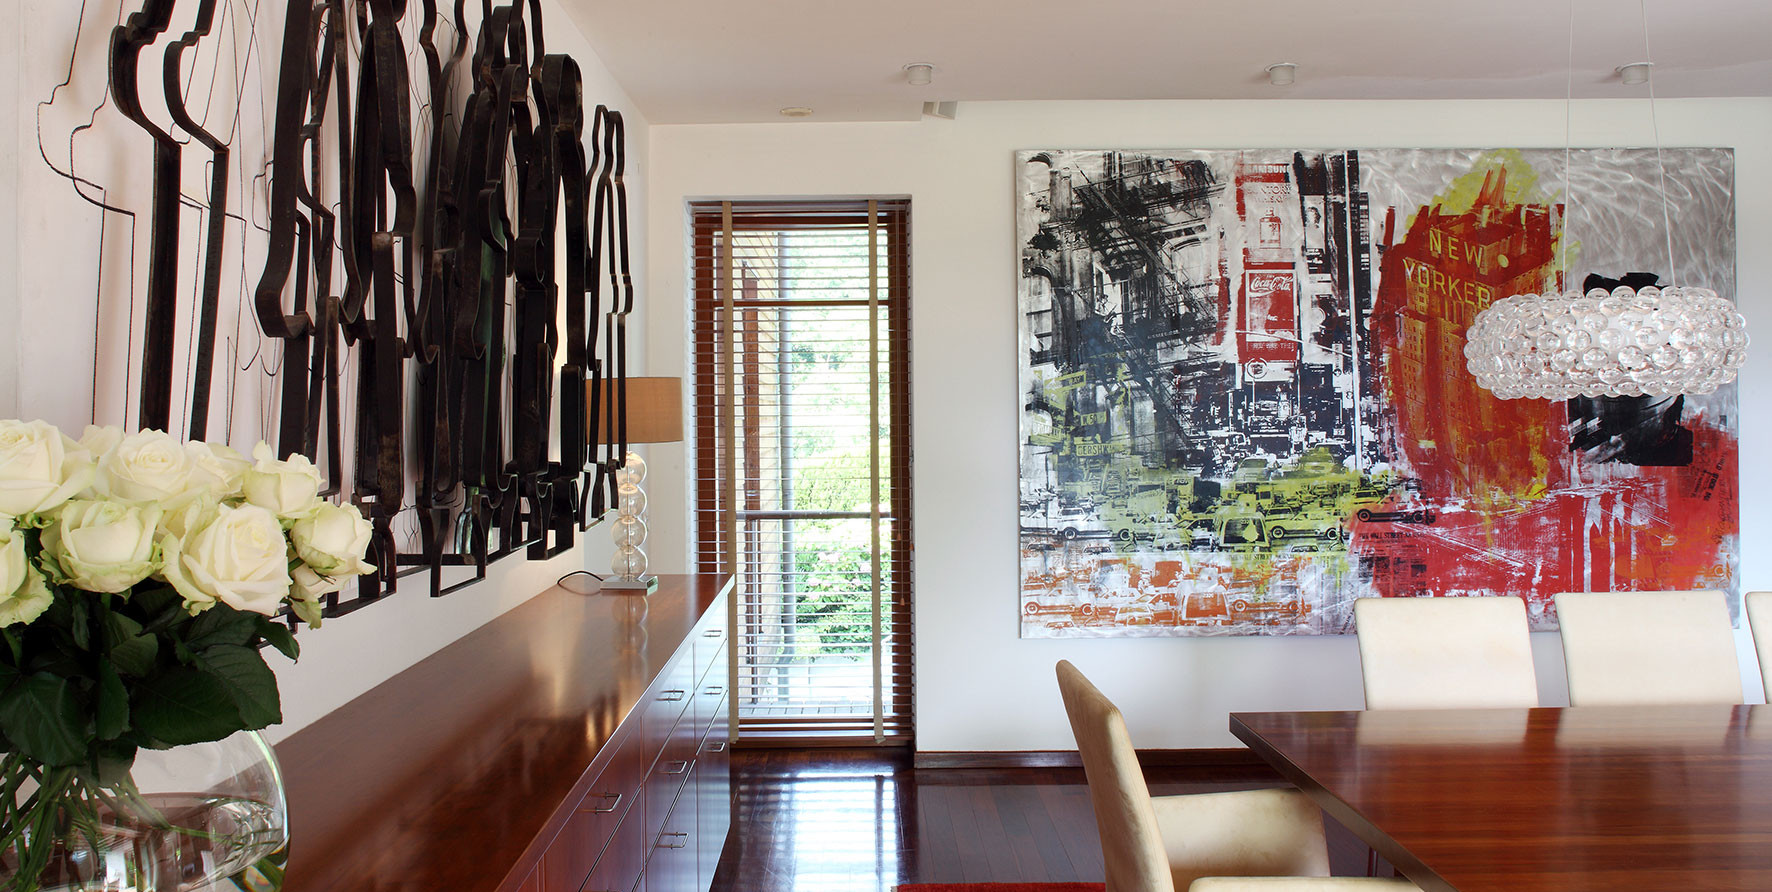 almuth_bene_Living_House_6.jpg